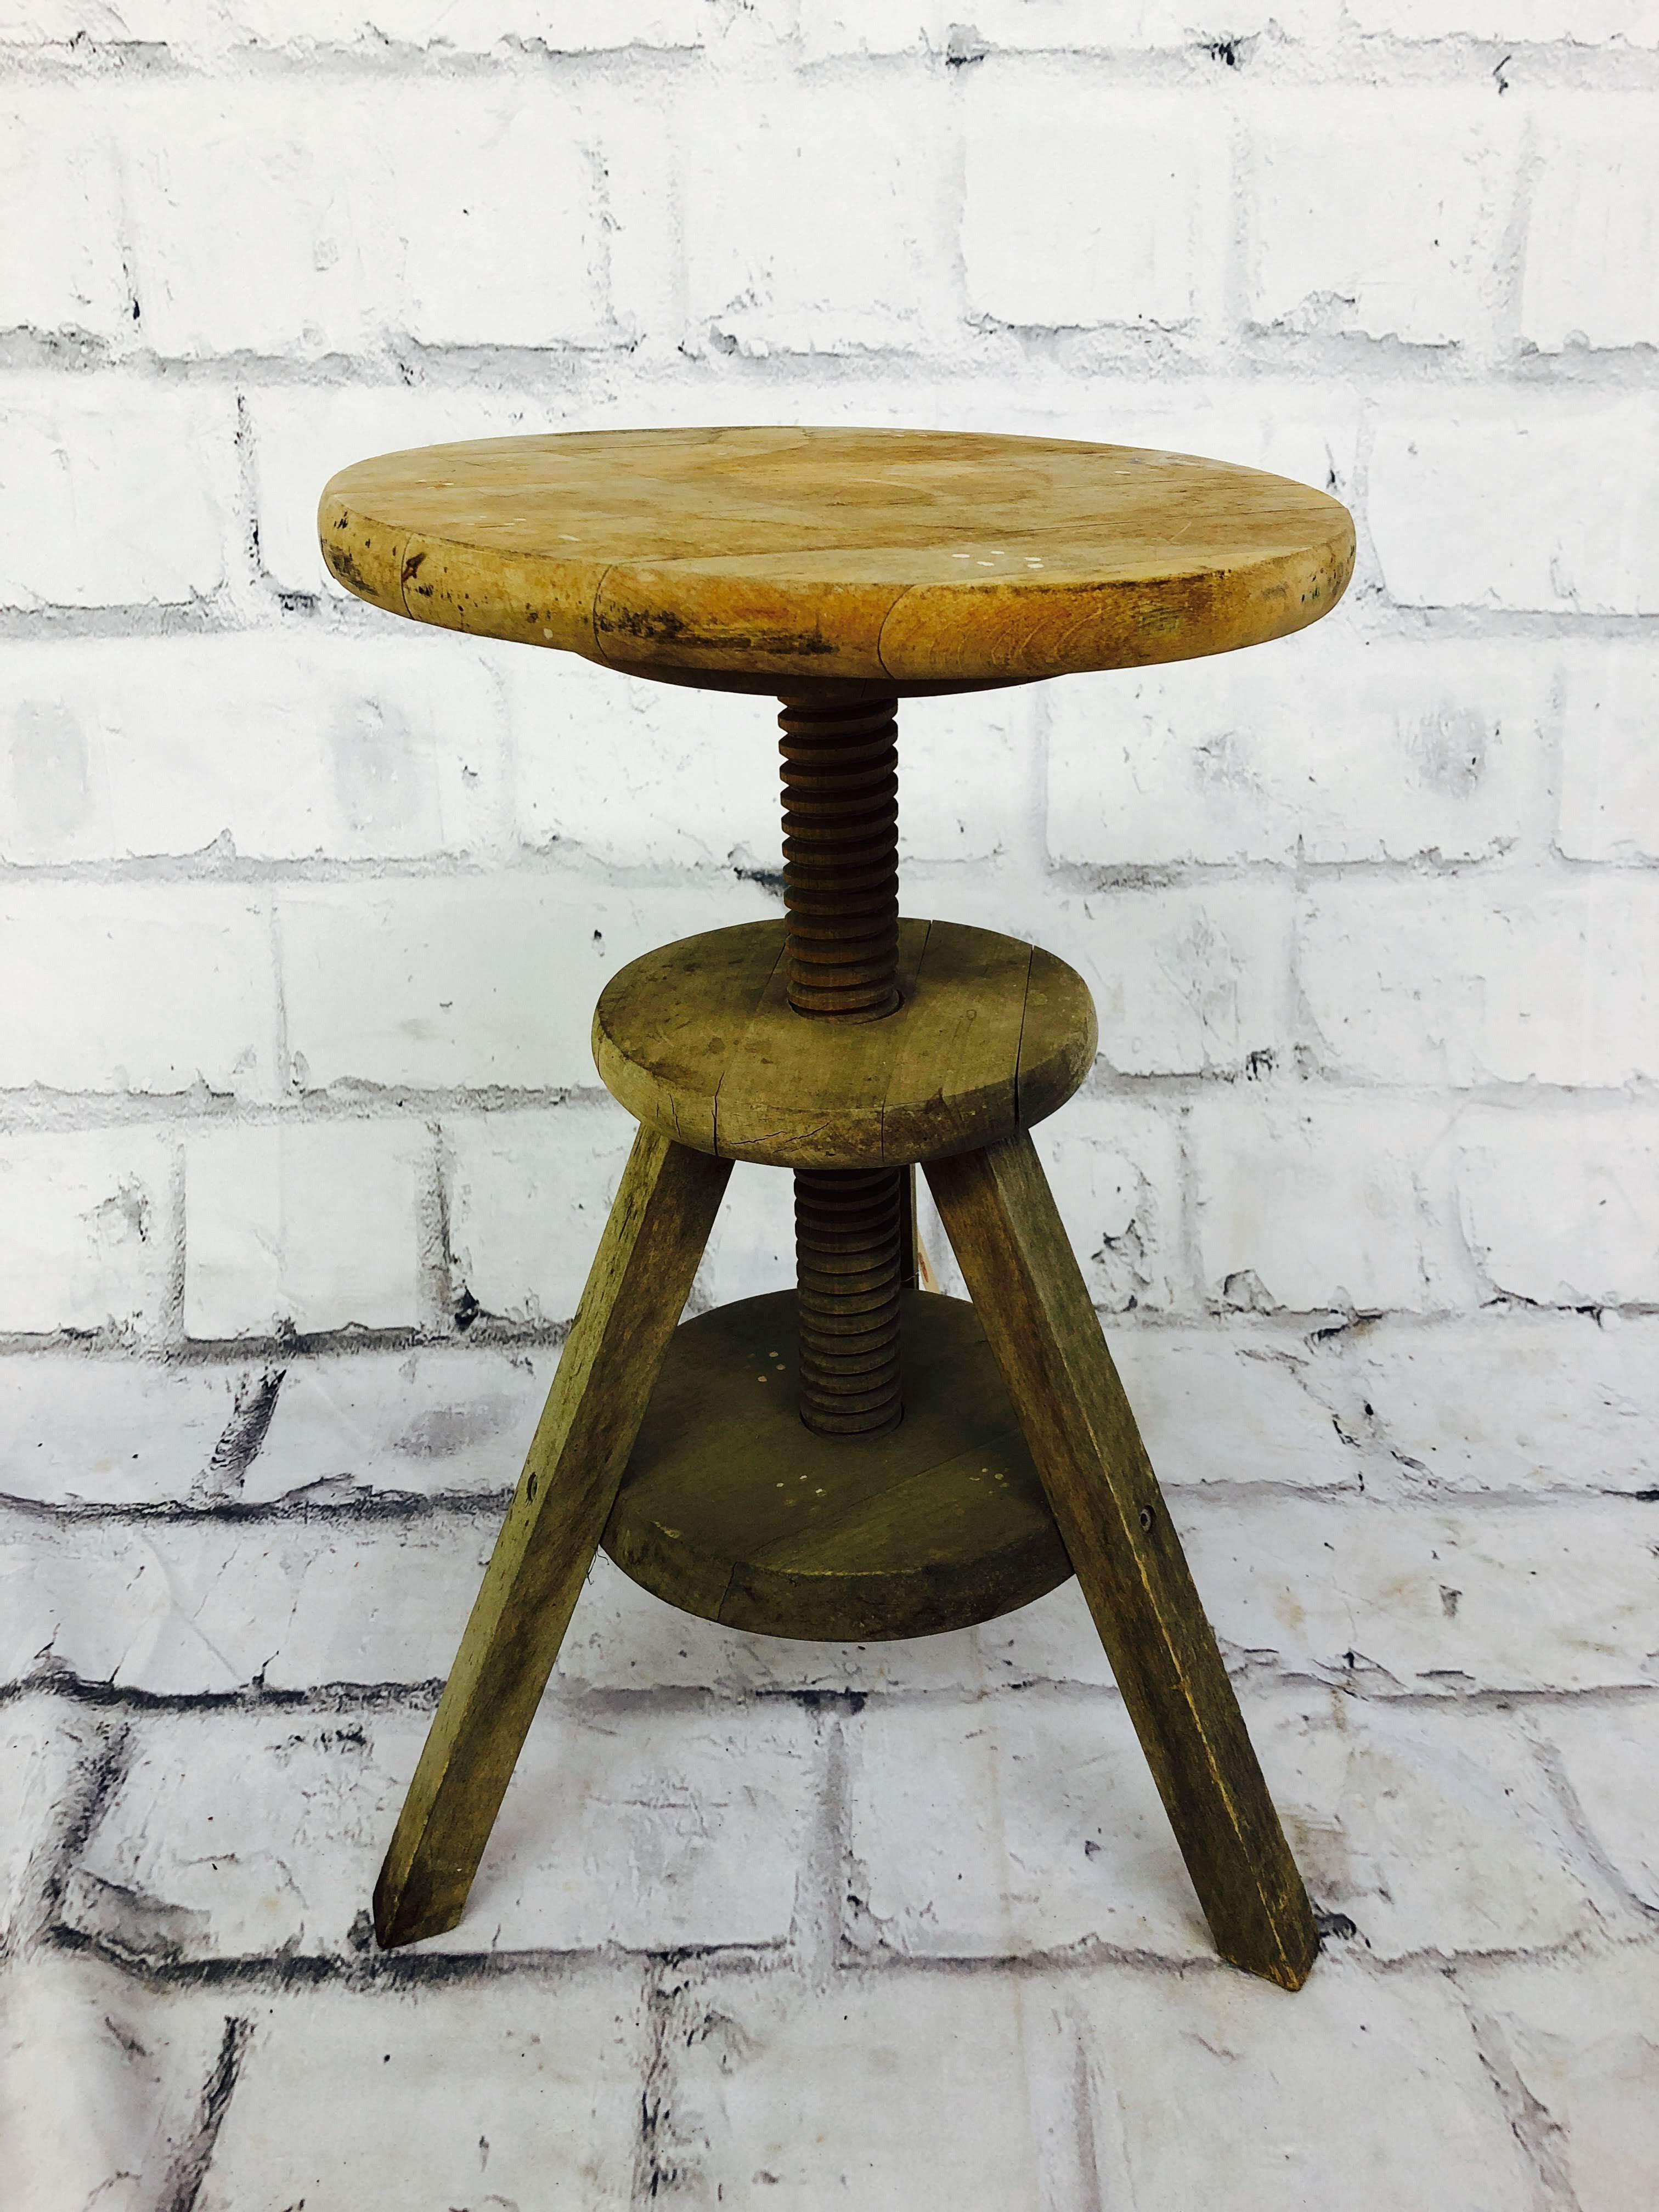 品番5780 スツール アトリエスツール チェア 木製 椅子 インテリア アンティーク